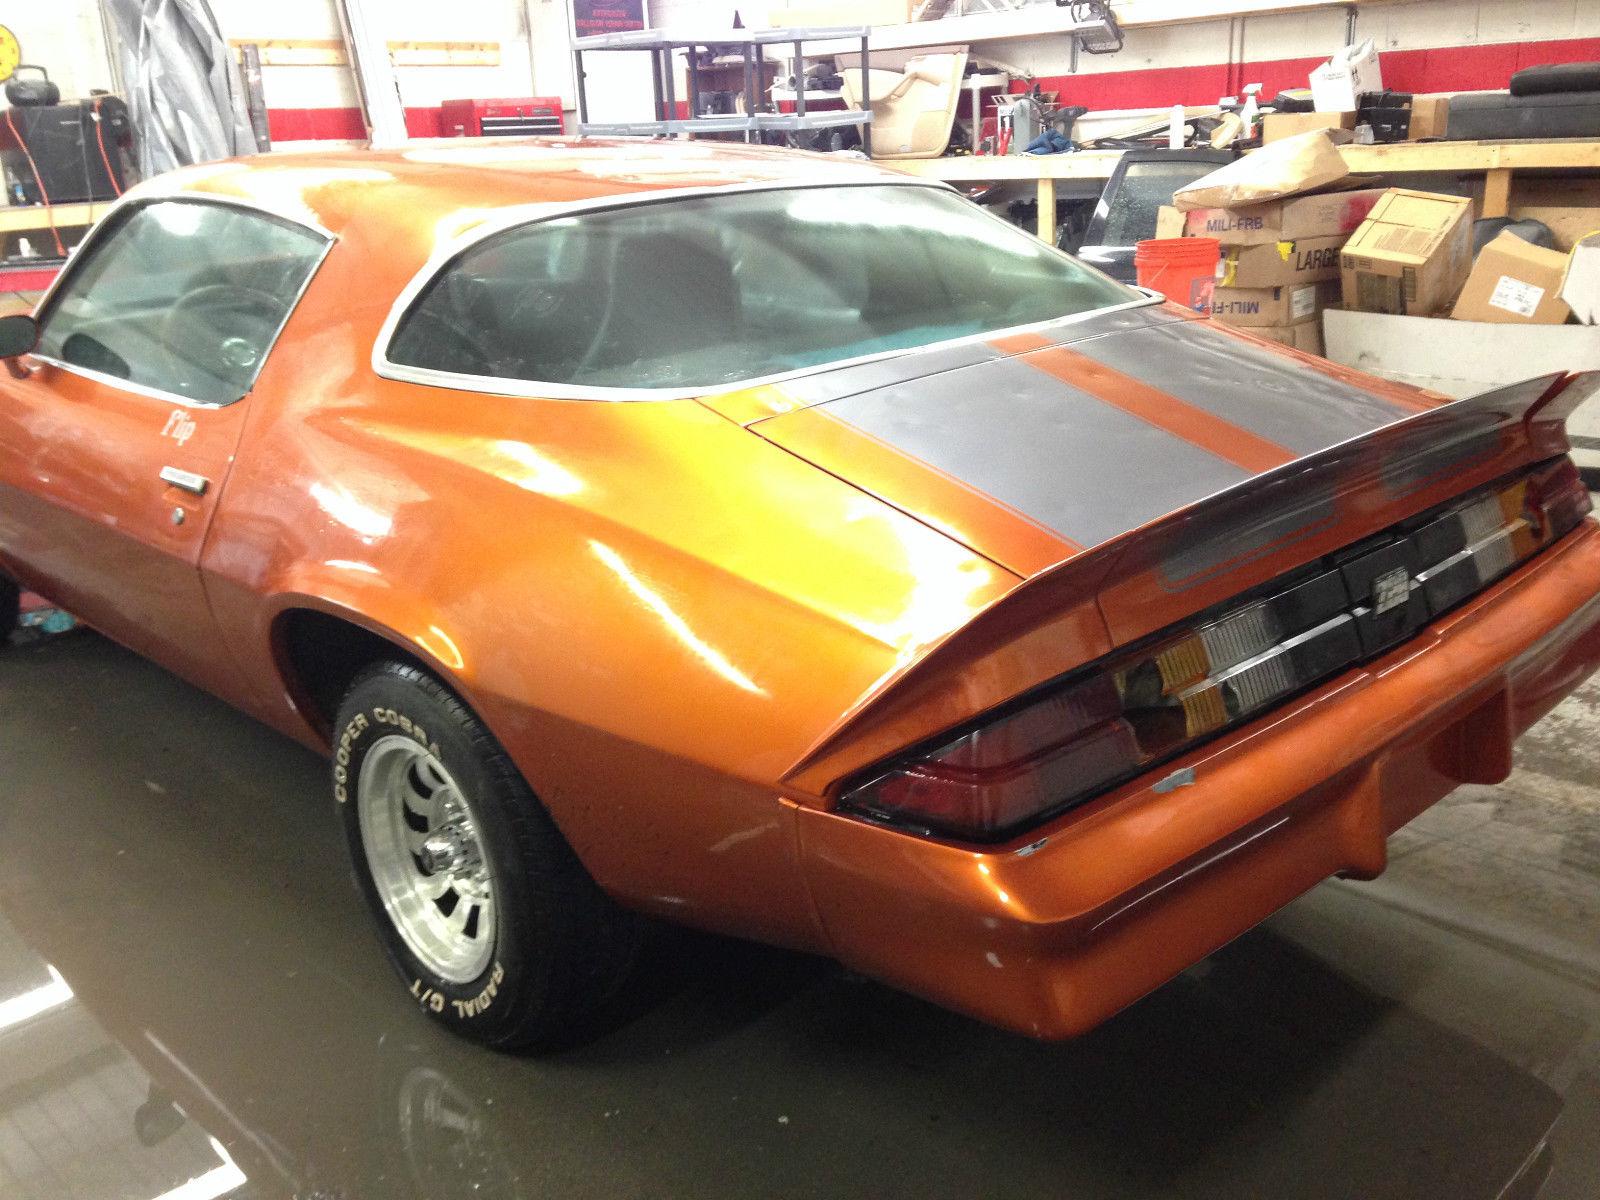 1980 Z28 Camaro V8 350 4 Speed No Reserve Classic